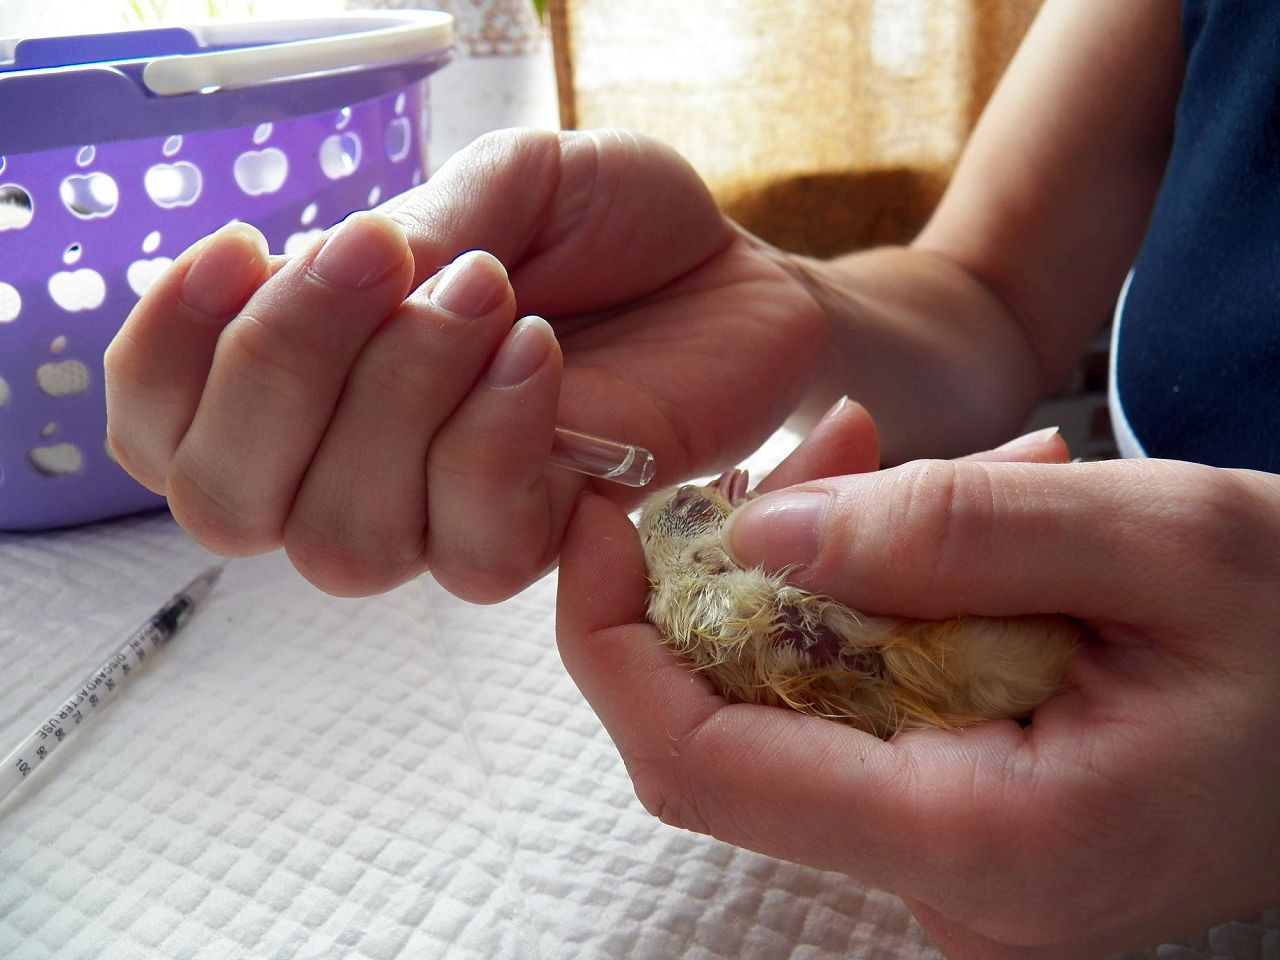 Фото как делать укол курам